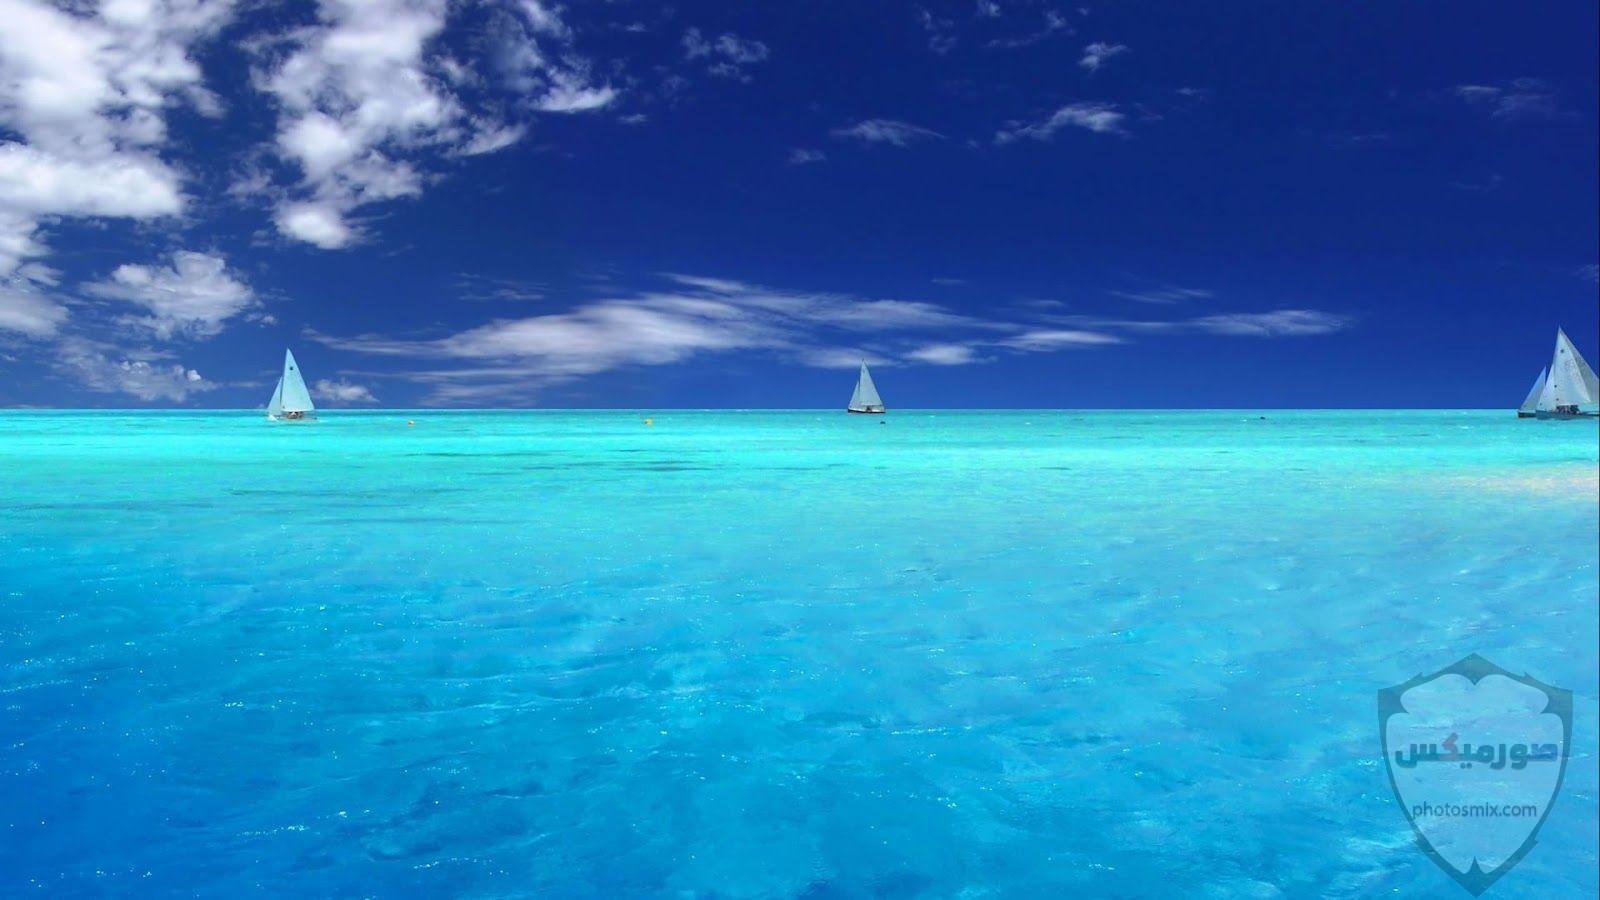 صور البحار صور جمال البحار صور رومانسيه اجمل صور بحار 11